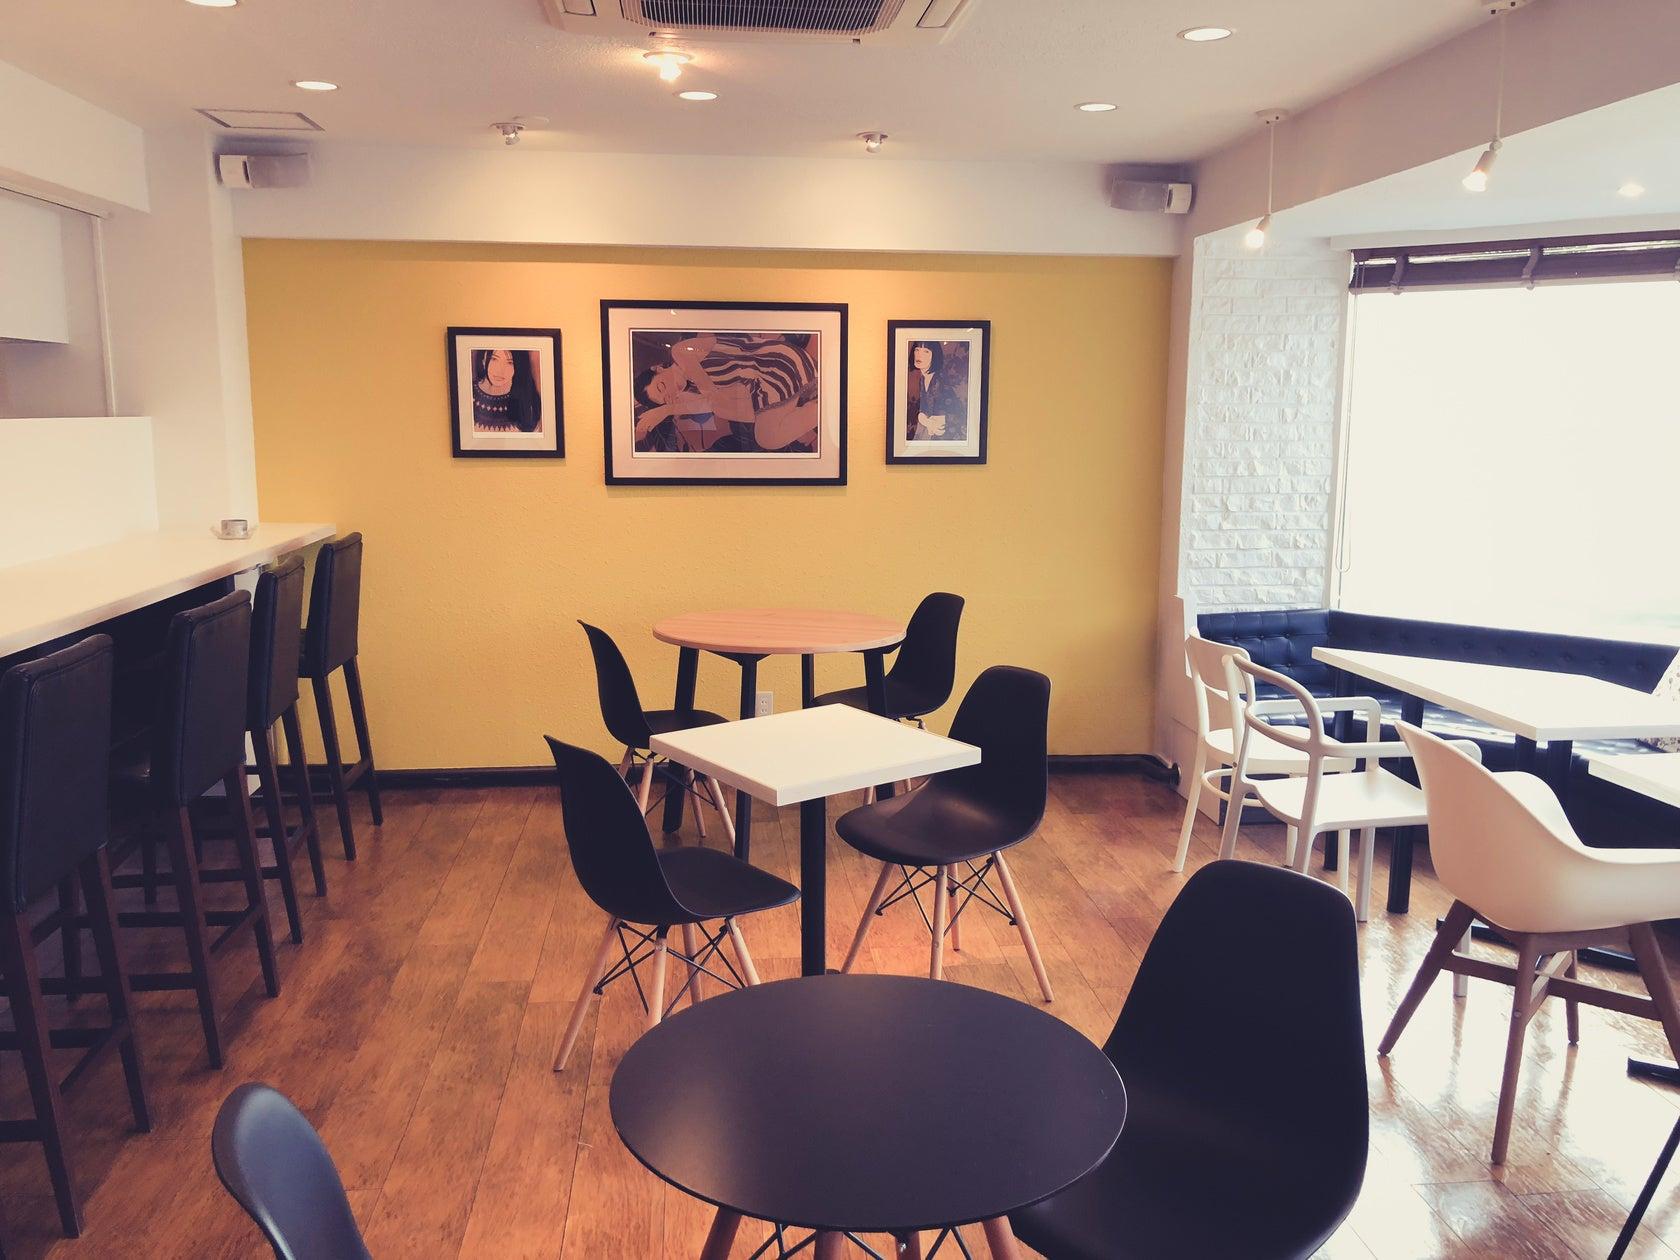 【六本木駅から4分】Wi-Fi完備のカフェを貸切で使おう♪勉強、会議、セミナー、撮影など使い方色々!